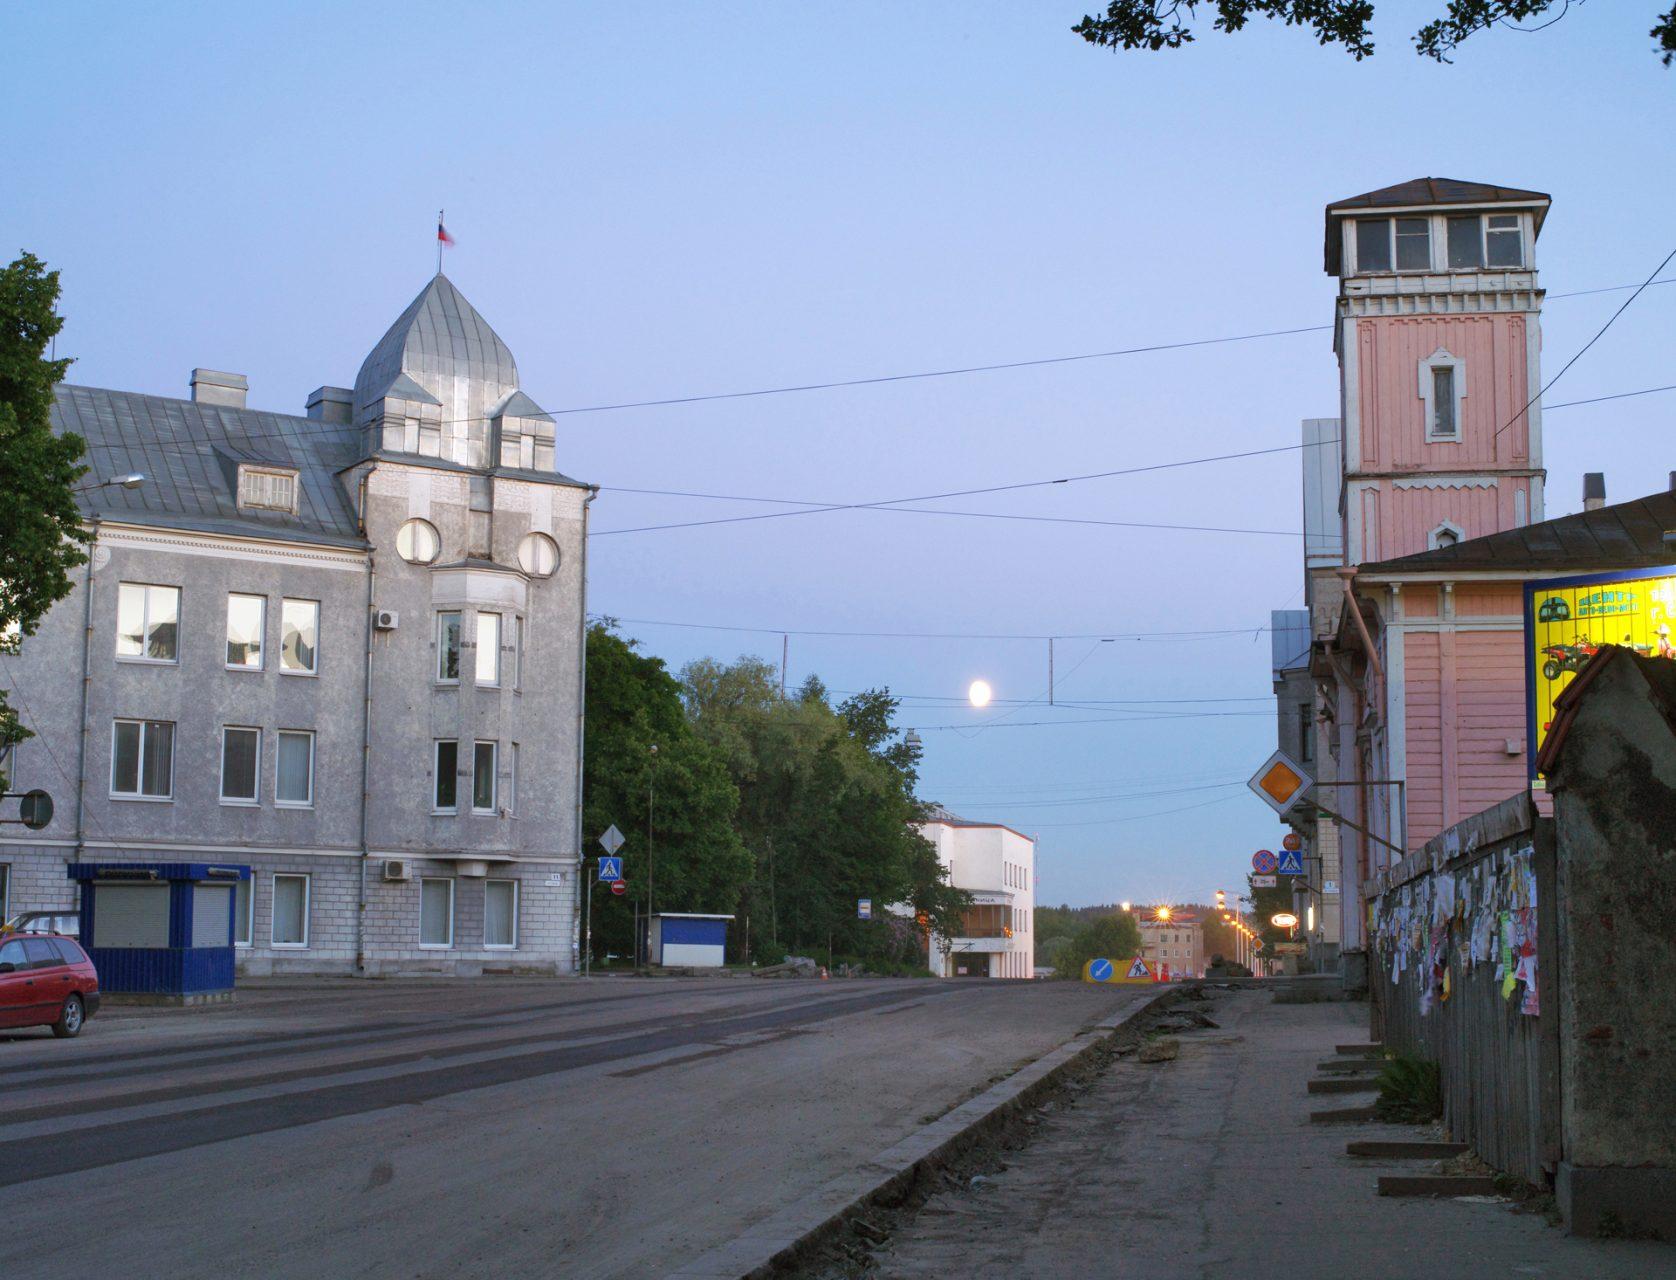 Kasaniya (Tracks), c-print, 100x120, 2013 / Russia, Republic of Karelia. Sortavala (Sortavala in Finnish, Sordavala in Swedish, Sortavala in Karelian; until 1918 called Serdobol).